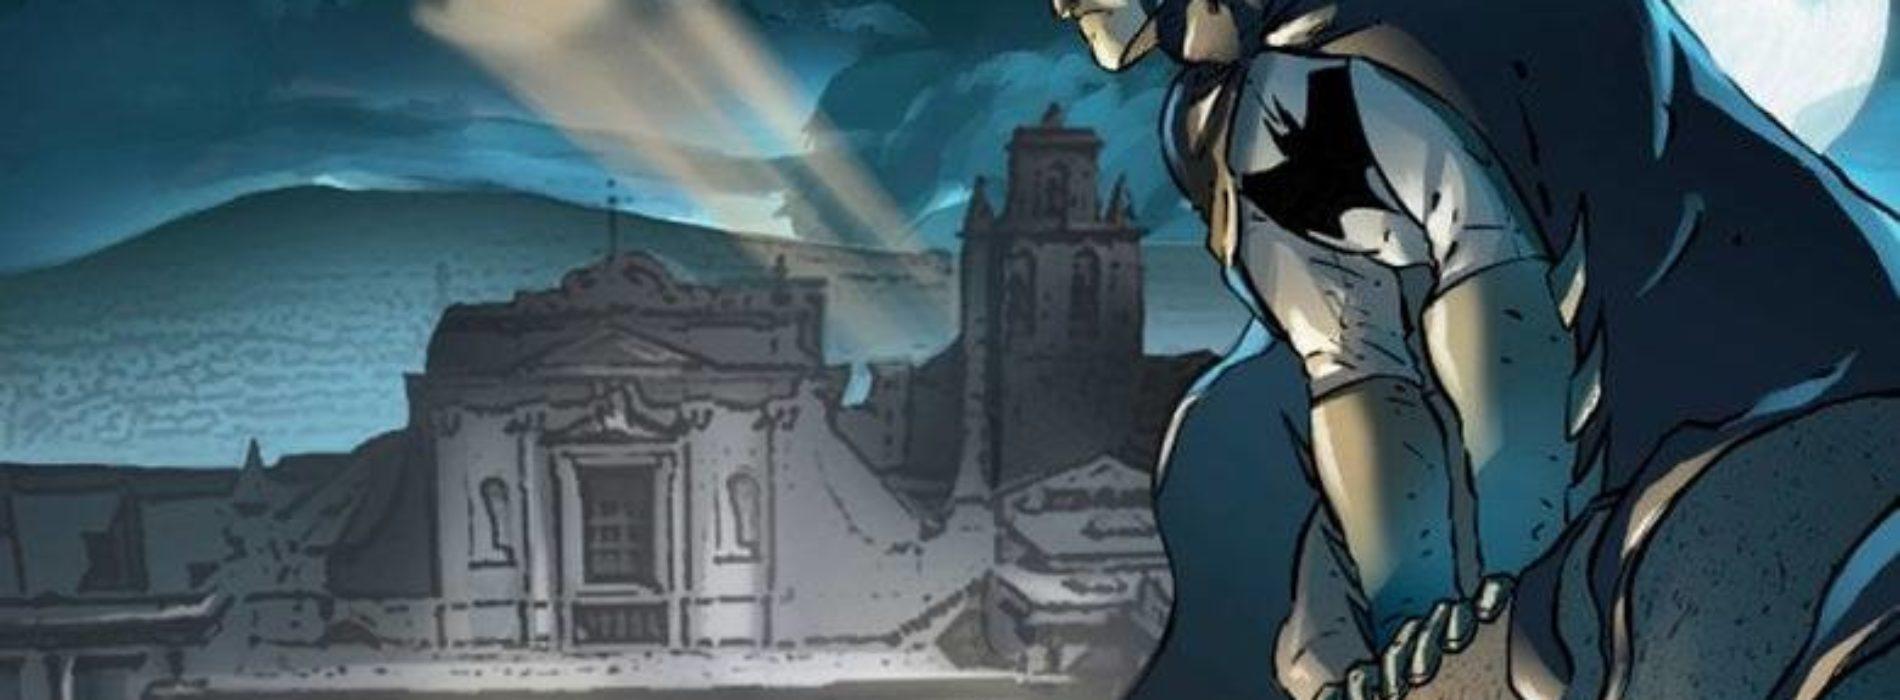 Batman arriva sulla Certosa di San Martino